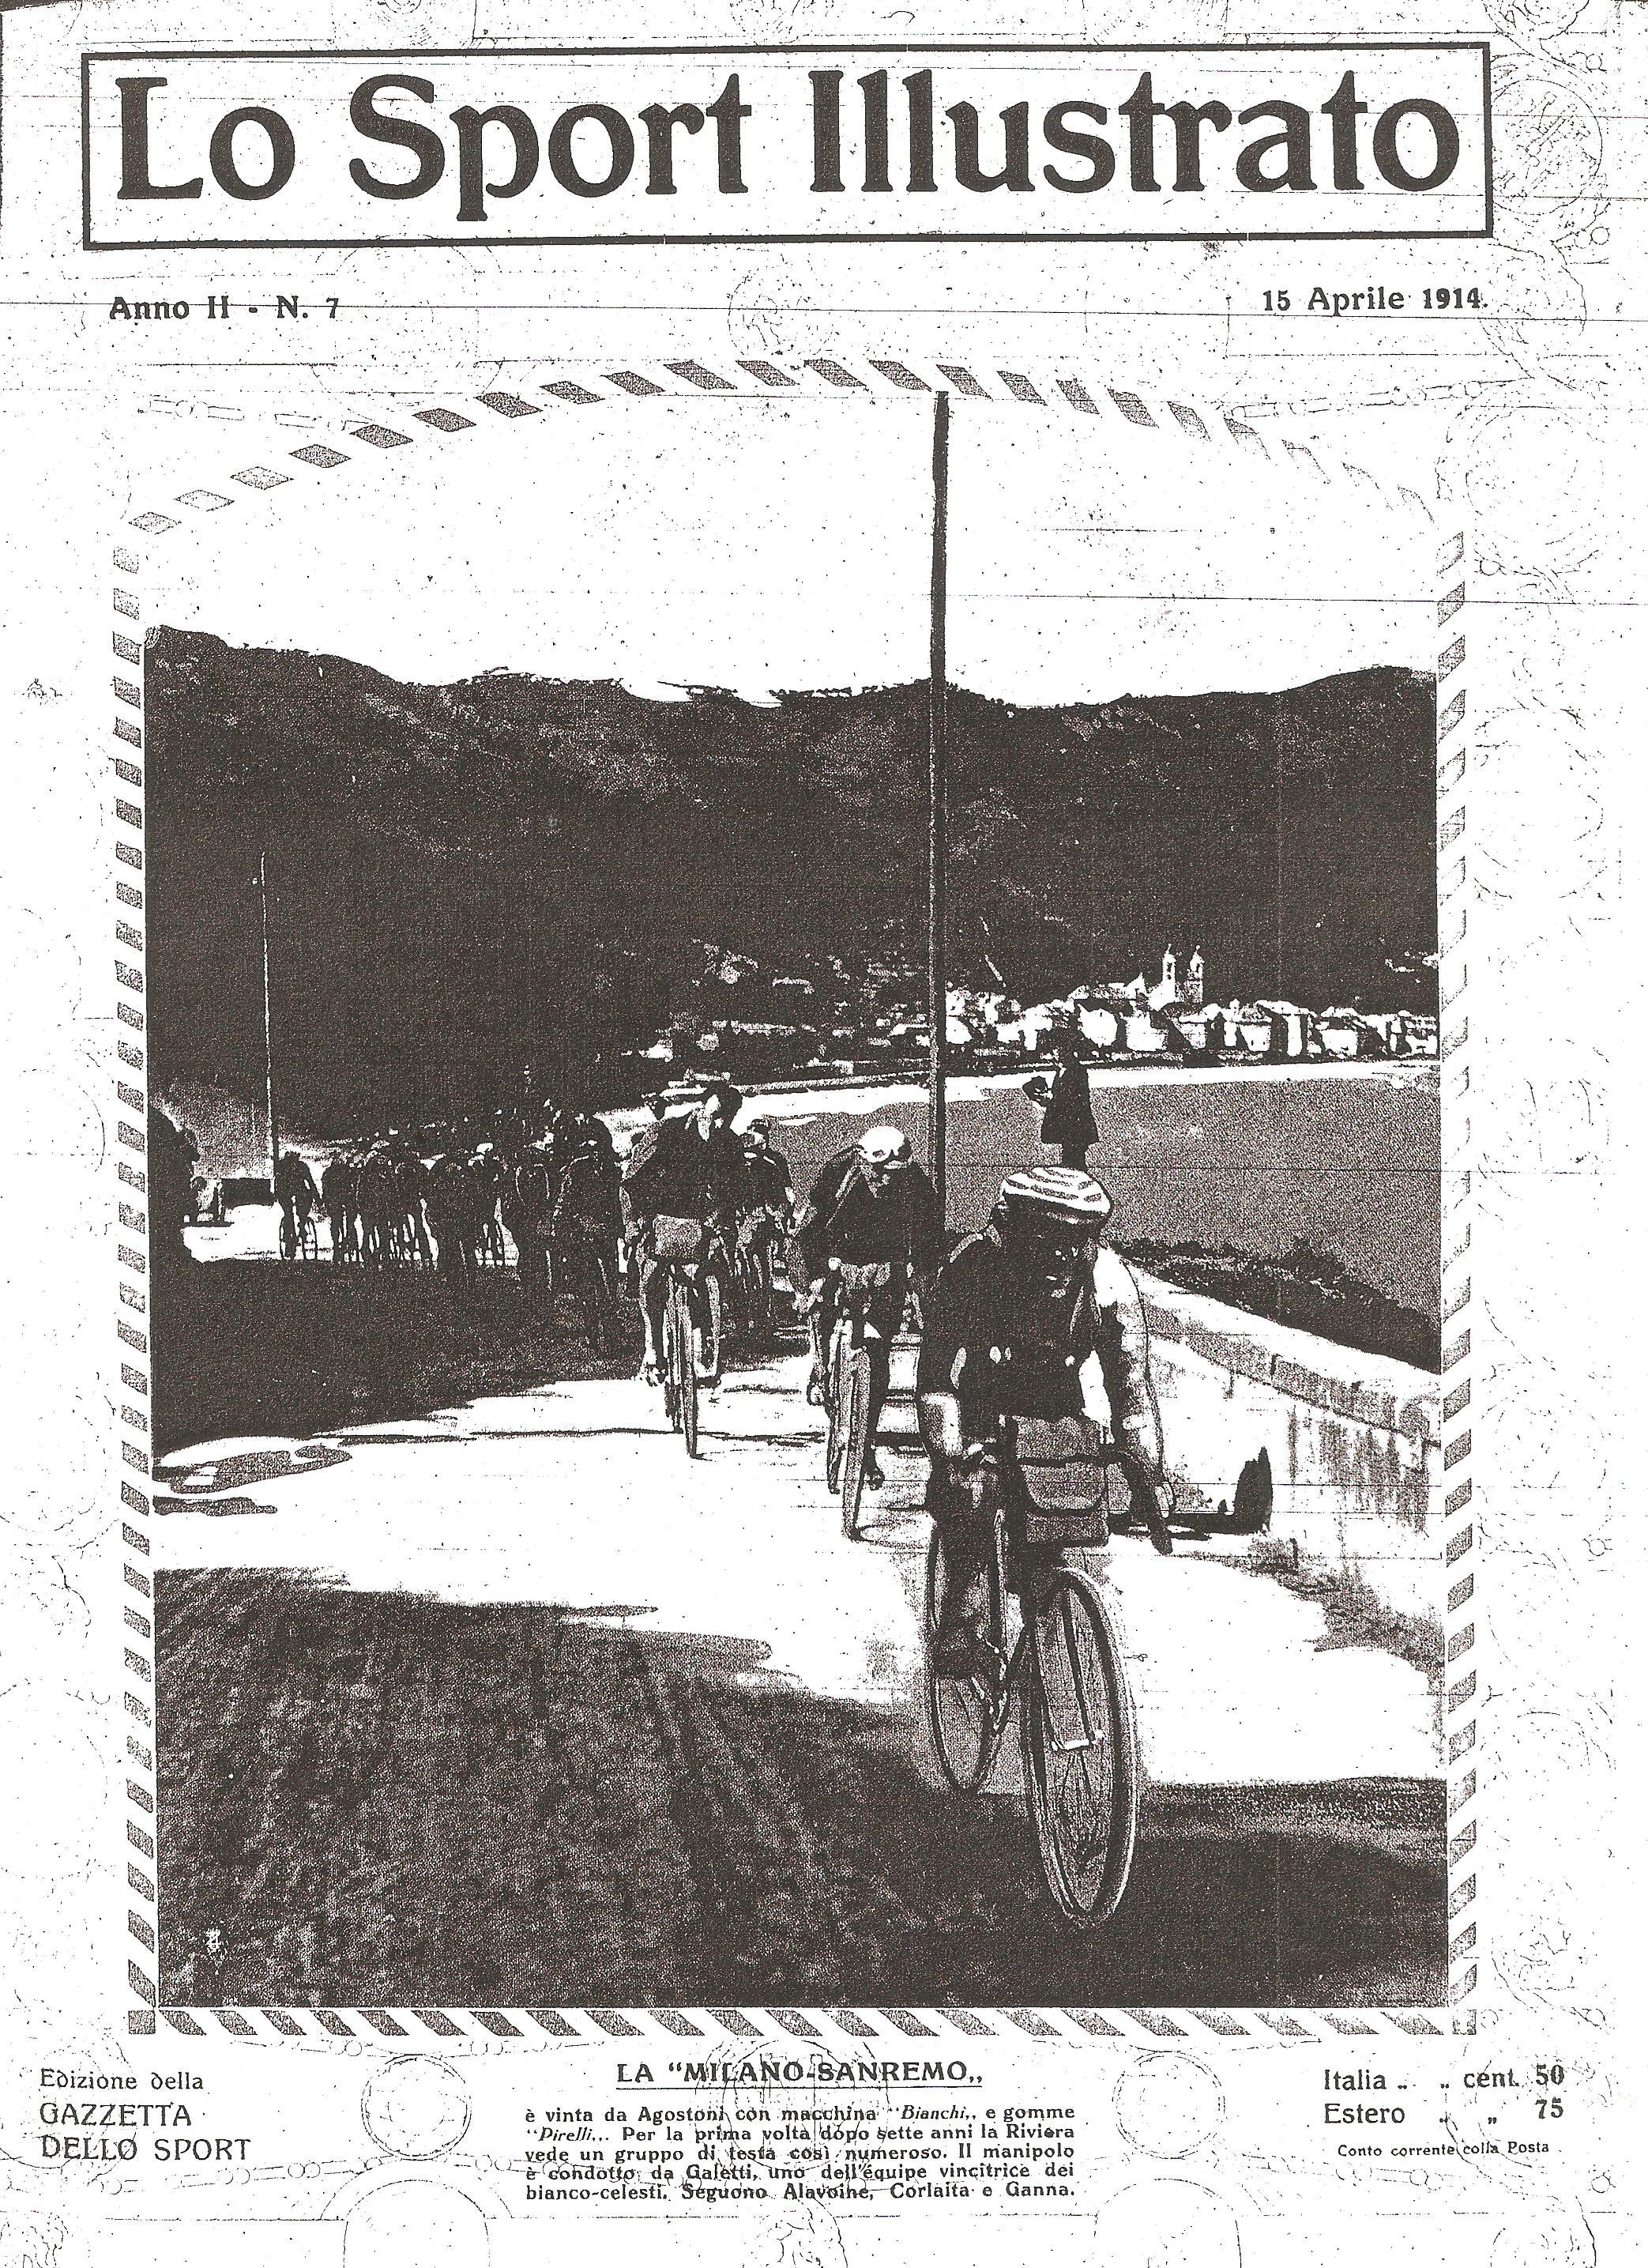 Carlo Galetti guida il gruppo di testa verso Sanremo - 1914